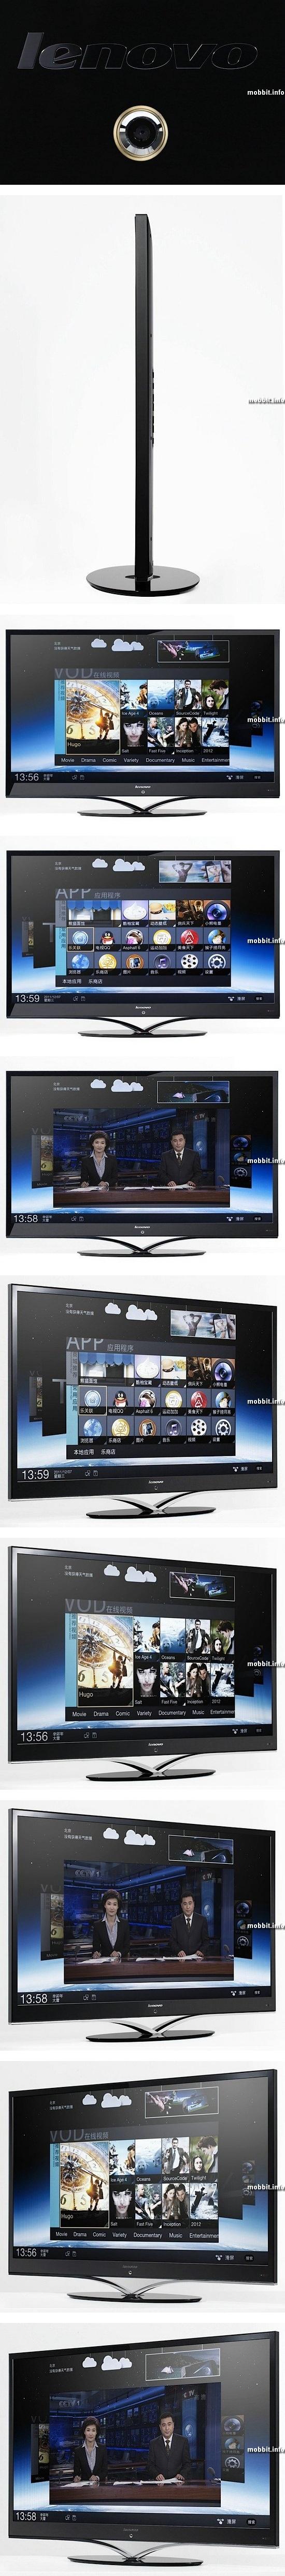 Lenovo K91 Smart TV